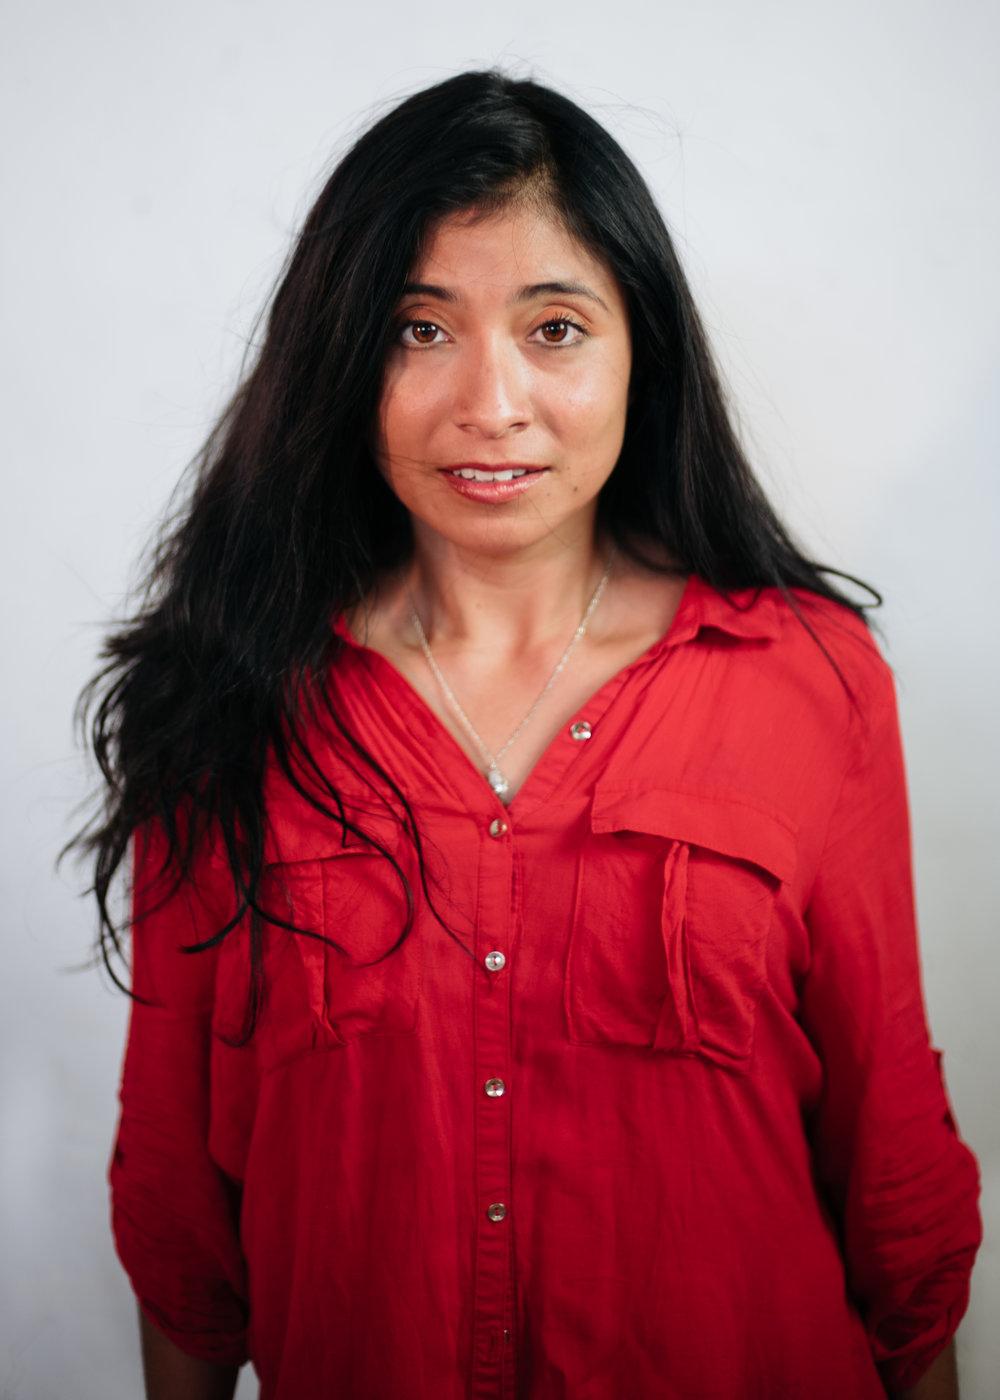 Gina-30.jpg